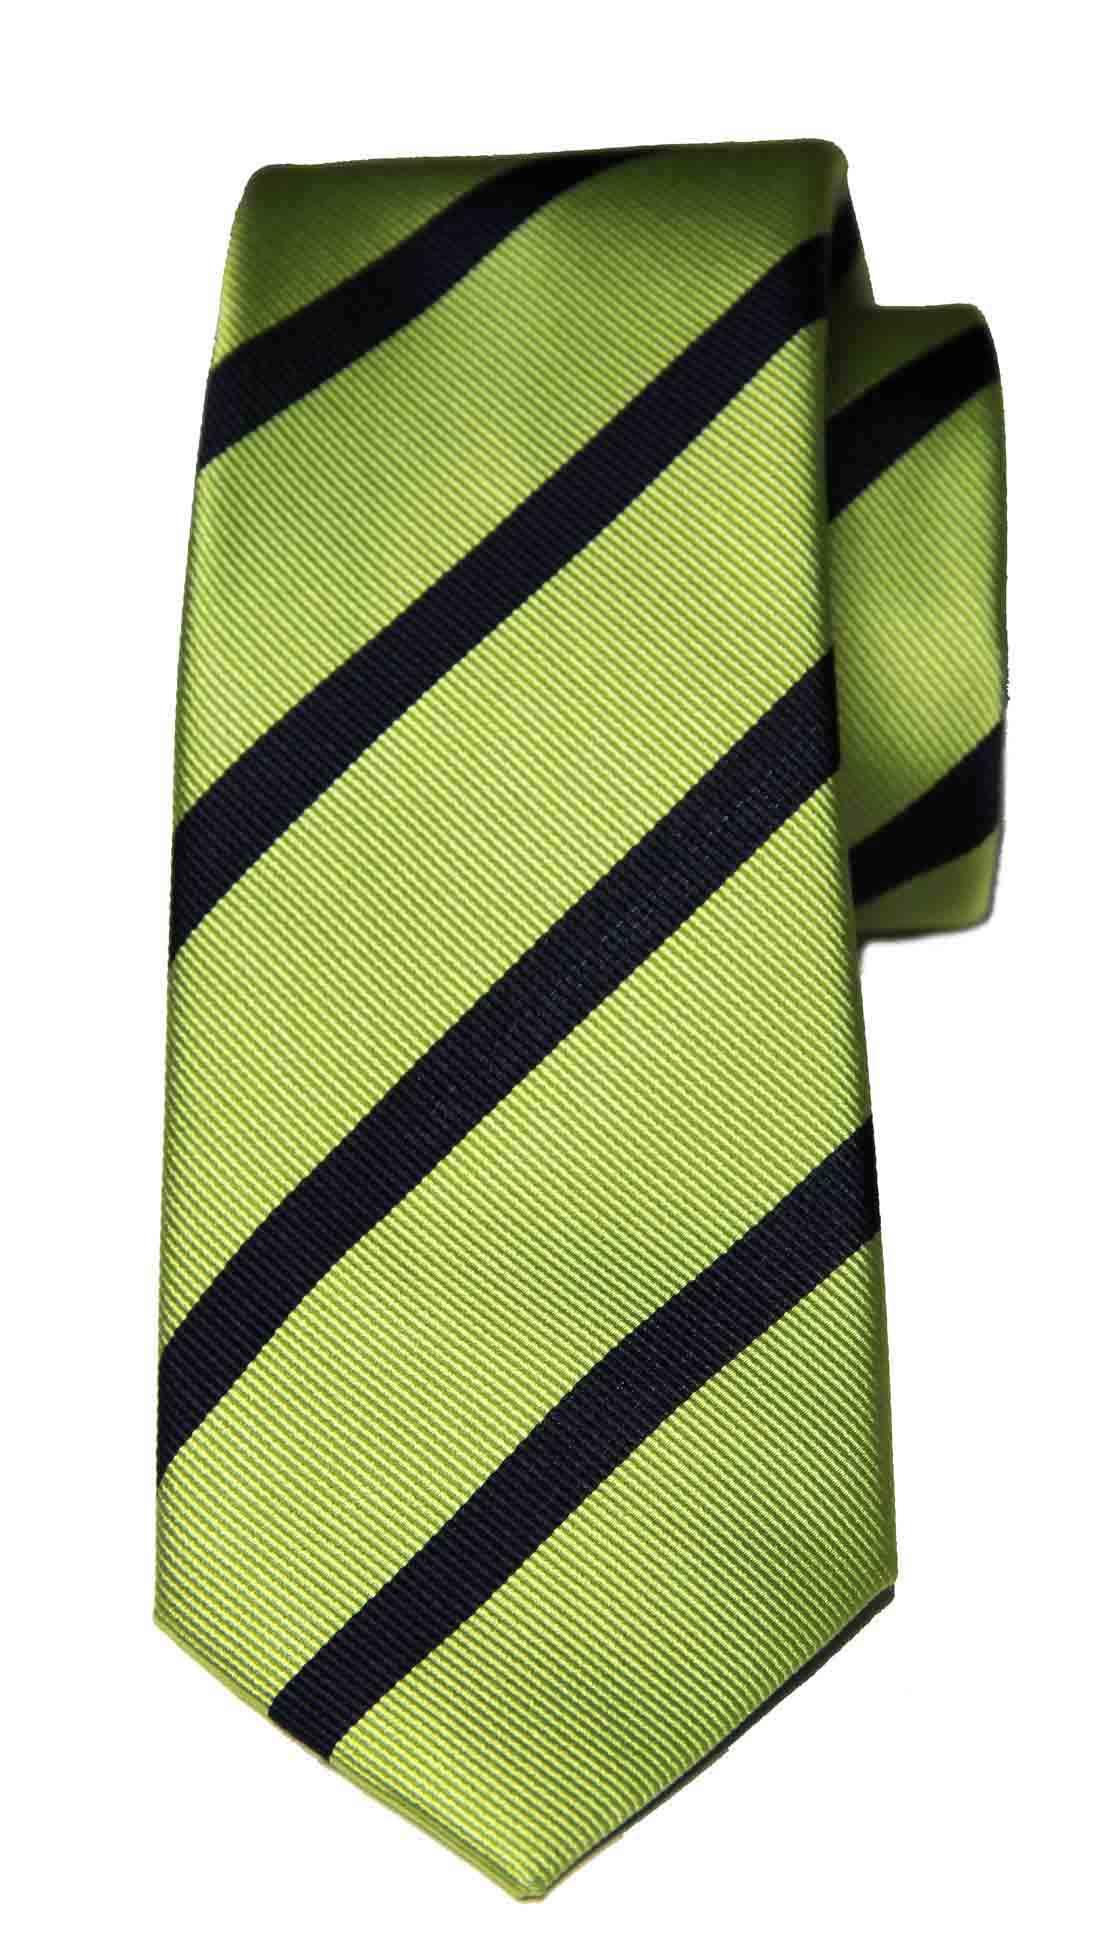 Zara Tie Green Navy Blue Striped Silk Men's